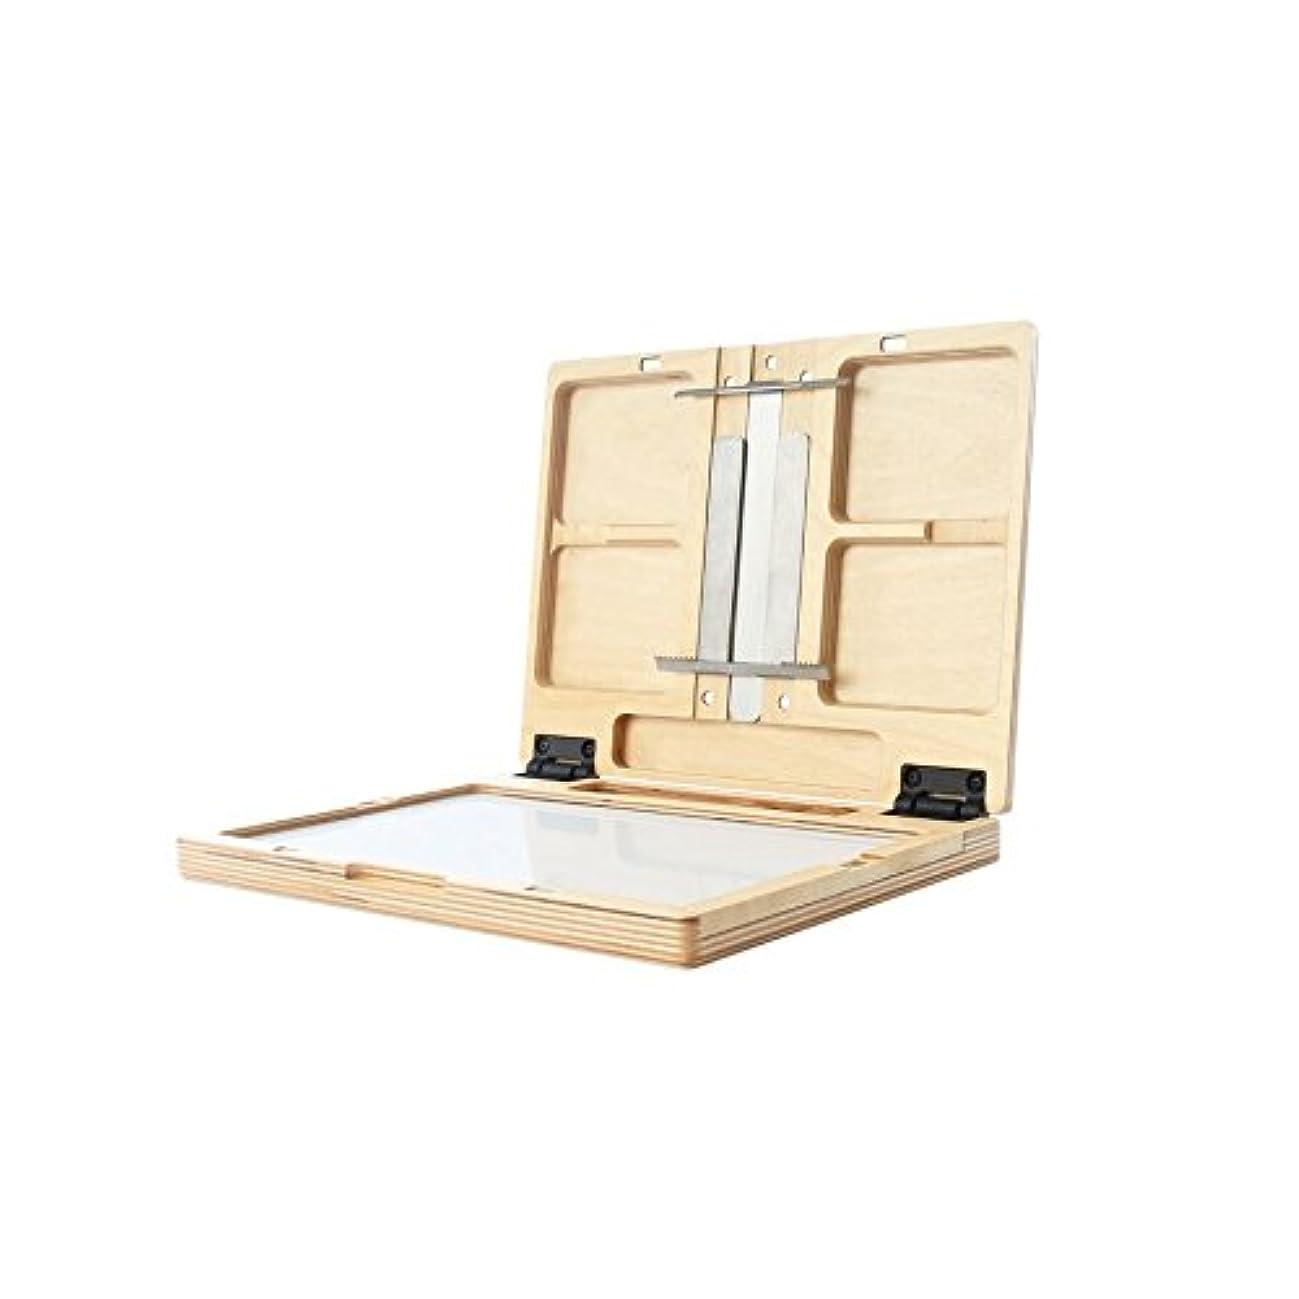 u.go Plein Air | Anywhere Pochade Box | 8.4